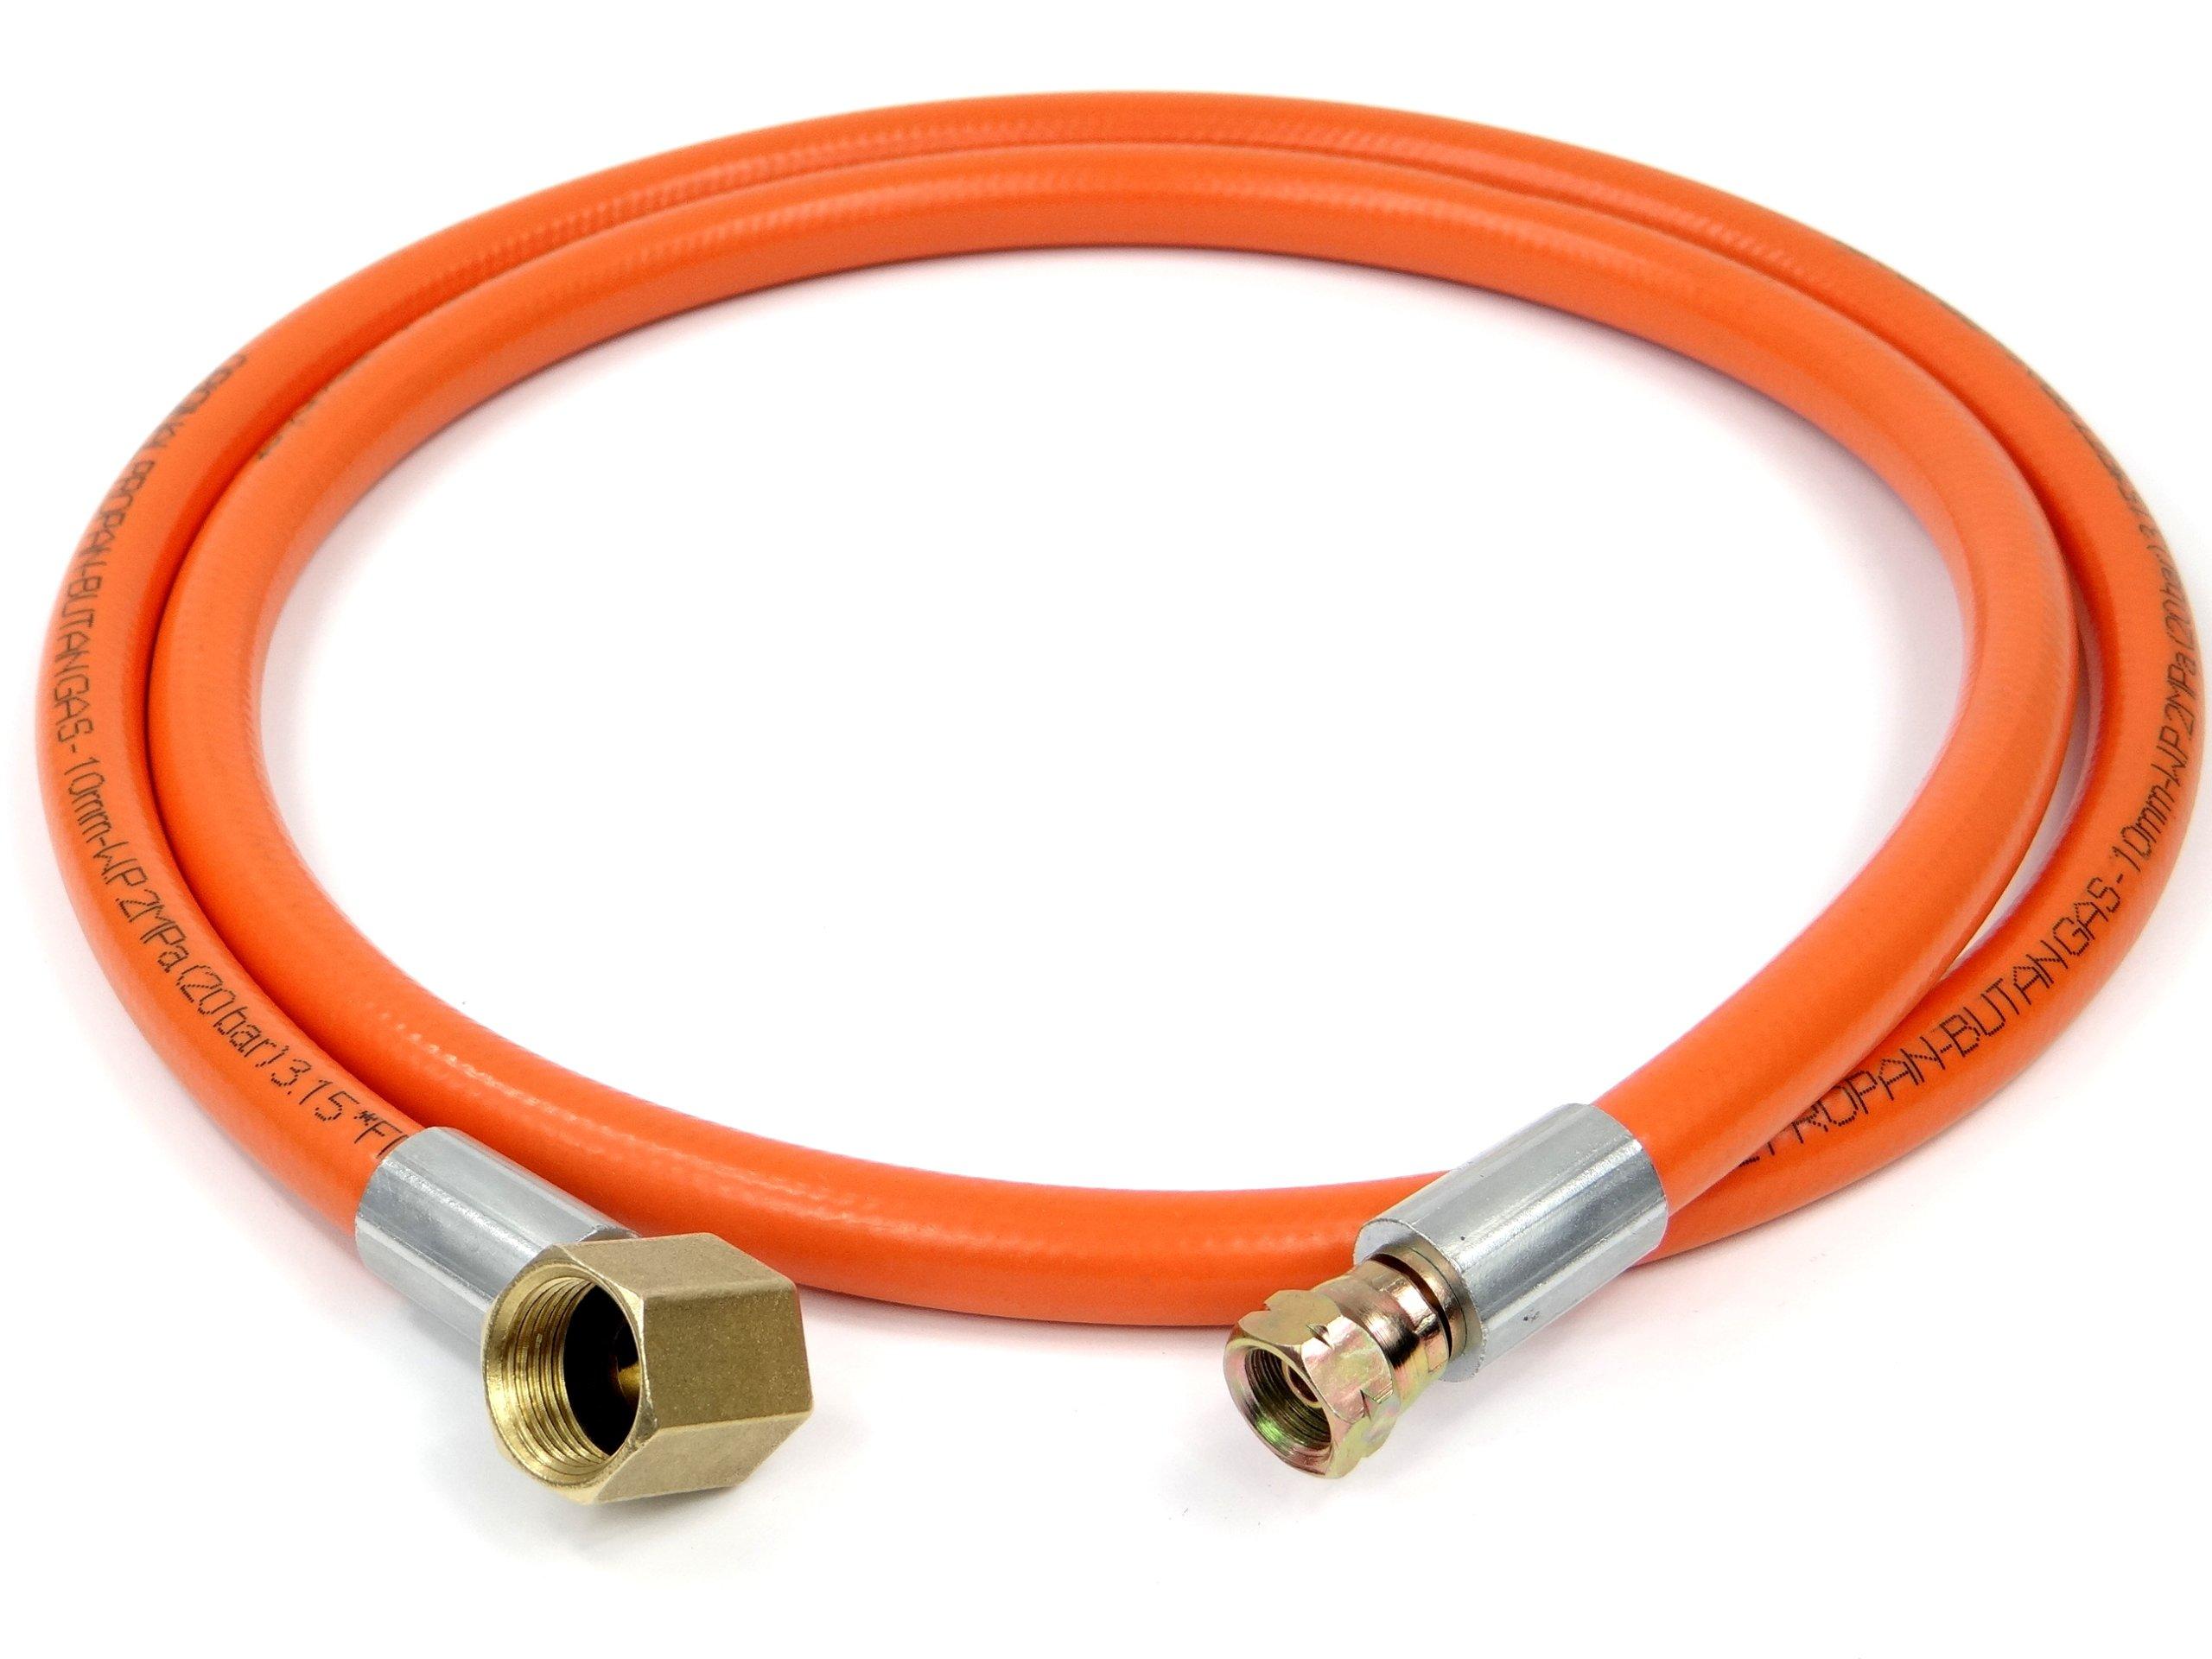 """Шланг для газового котла: подходят ли гибкие шланги с диаметром 1/2"""" и 3/4'' для подключения газового котла к газопроводу? как правильно подключить? требования"""